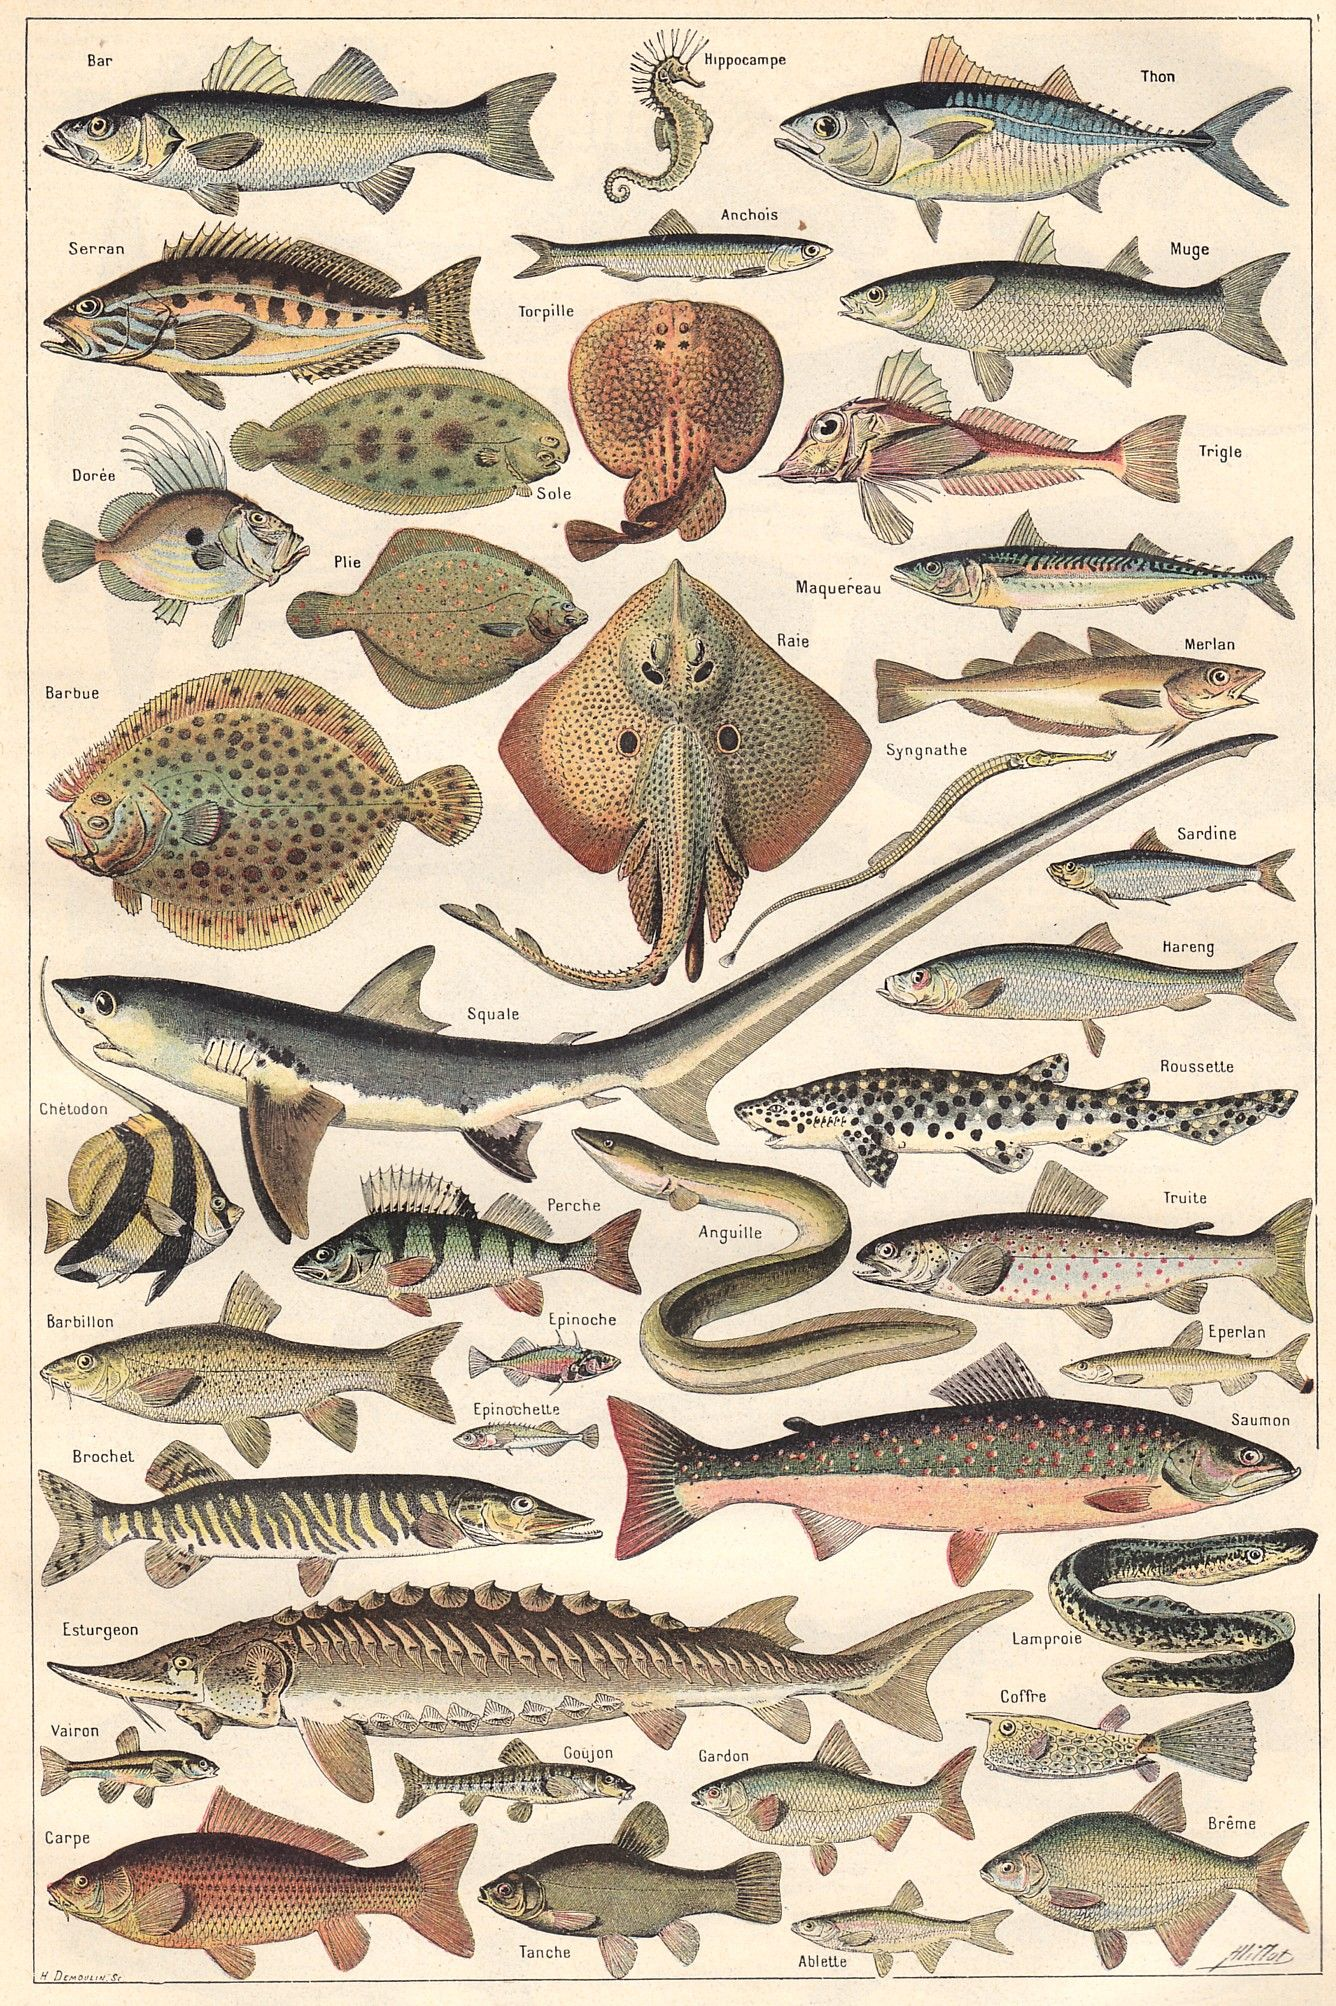 Poissons 1 Com Imagens Criaturas Marinhas Animais Marinhos